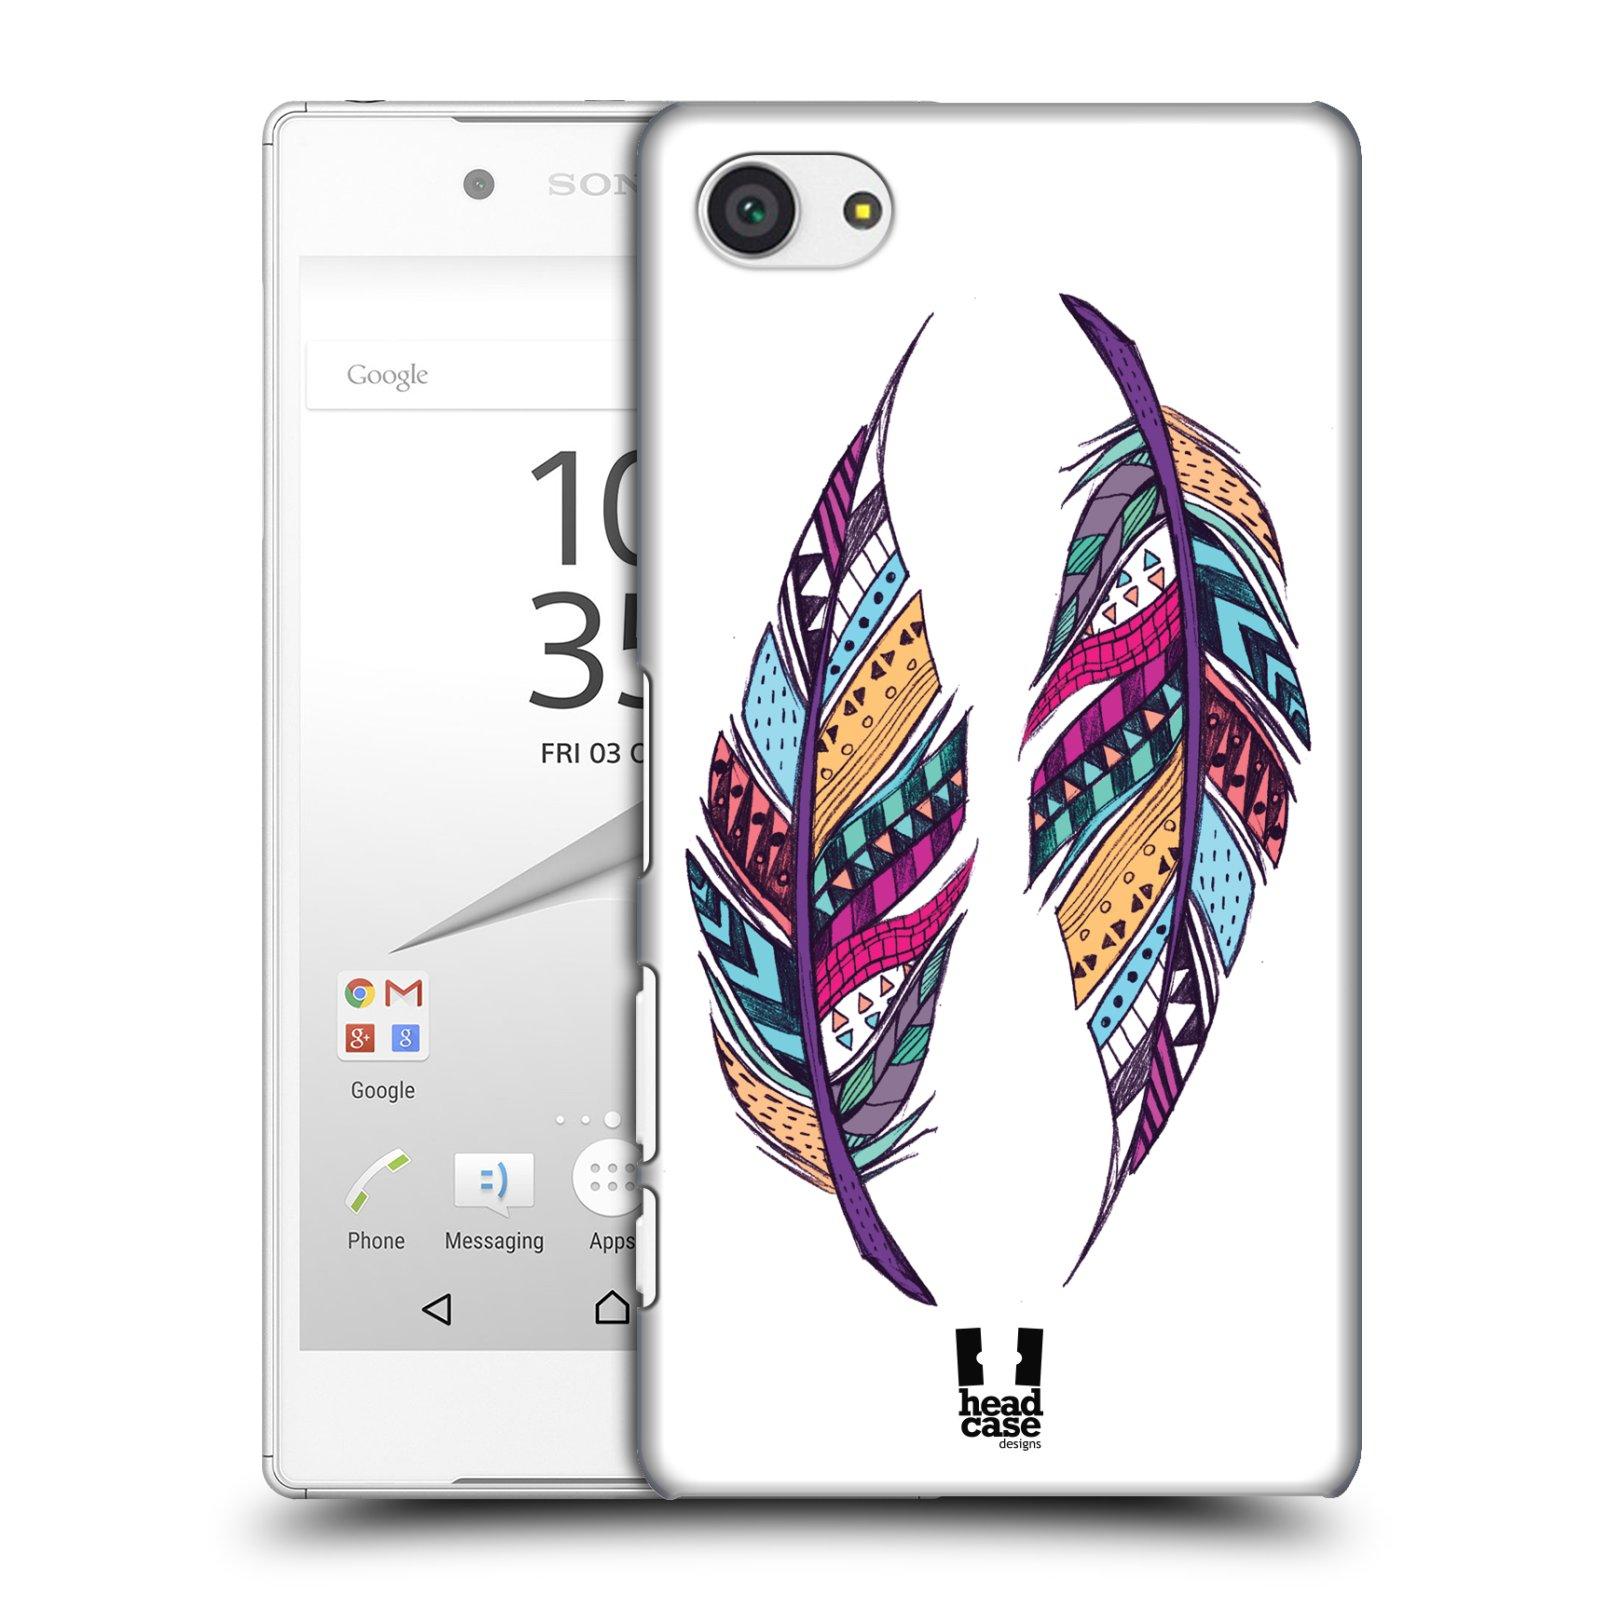 Plastové pouzdro na mobil Sony Xperia Z5 Compact HEAD CASE AZTEC PÍRKA